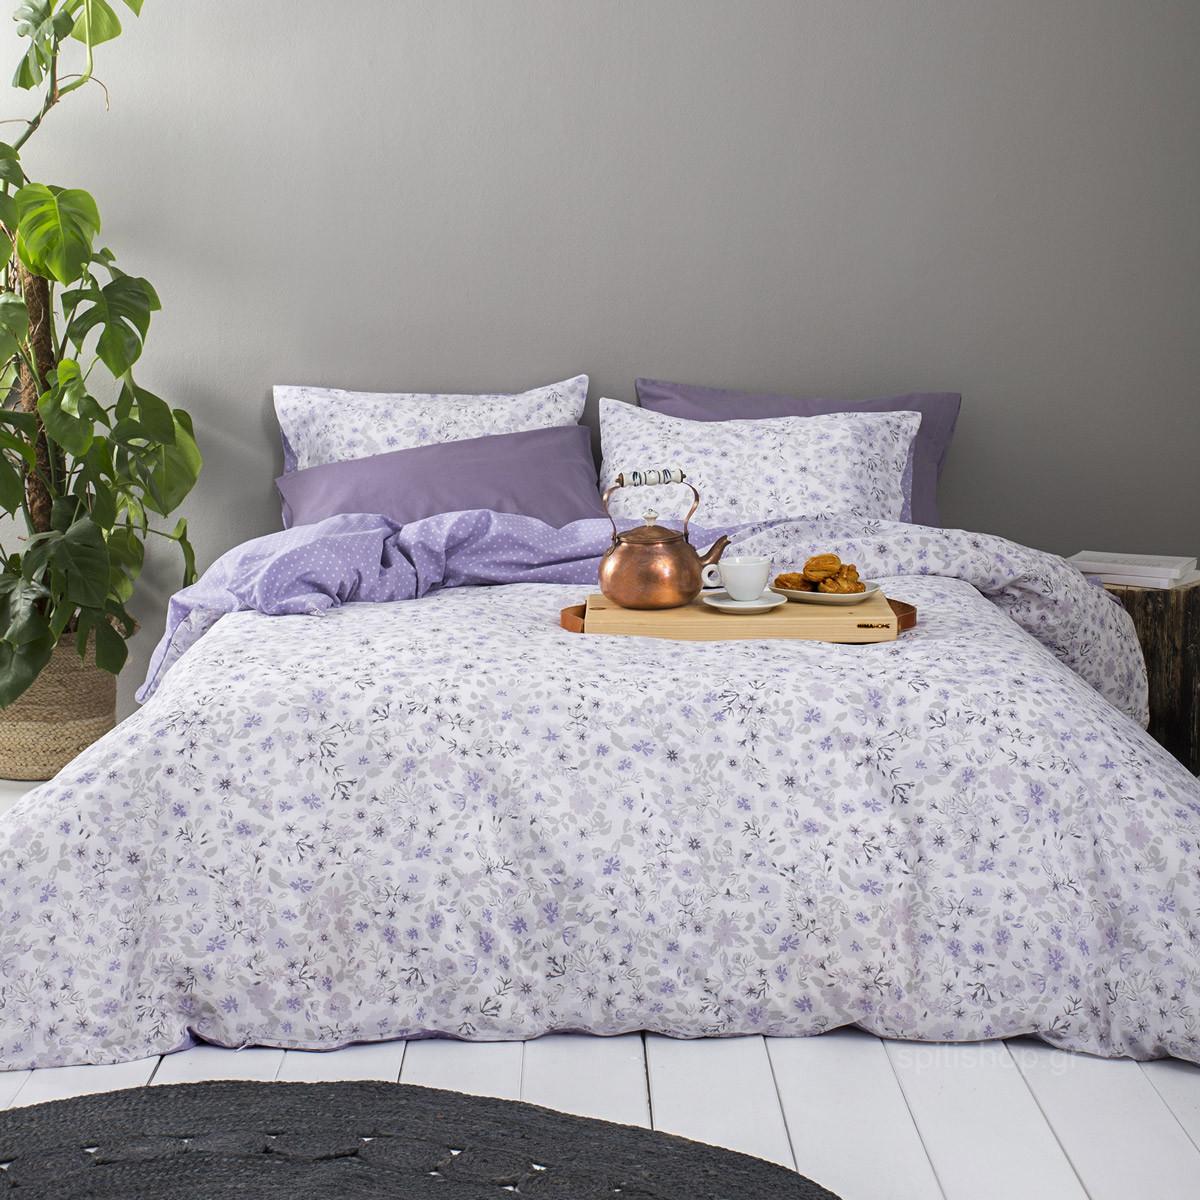 Σεντόνια Μονά (Σετ) Nima Bed Linen Flowering ΧΩΡΙΣ ΛΑΣΤΙΧΟ 170x260 ΧΩΡΙΣ ΛΑΣΤΙΧΟ 170x260